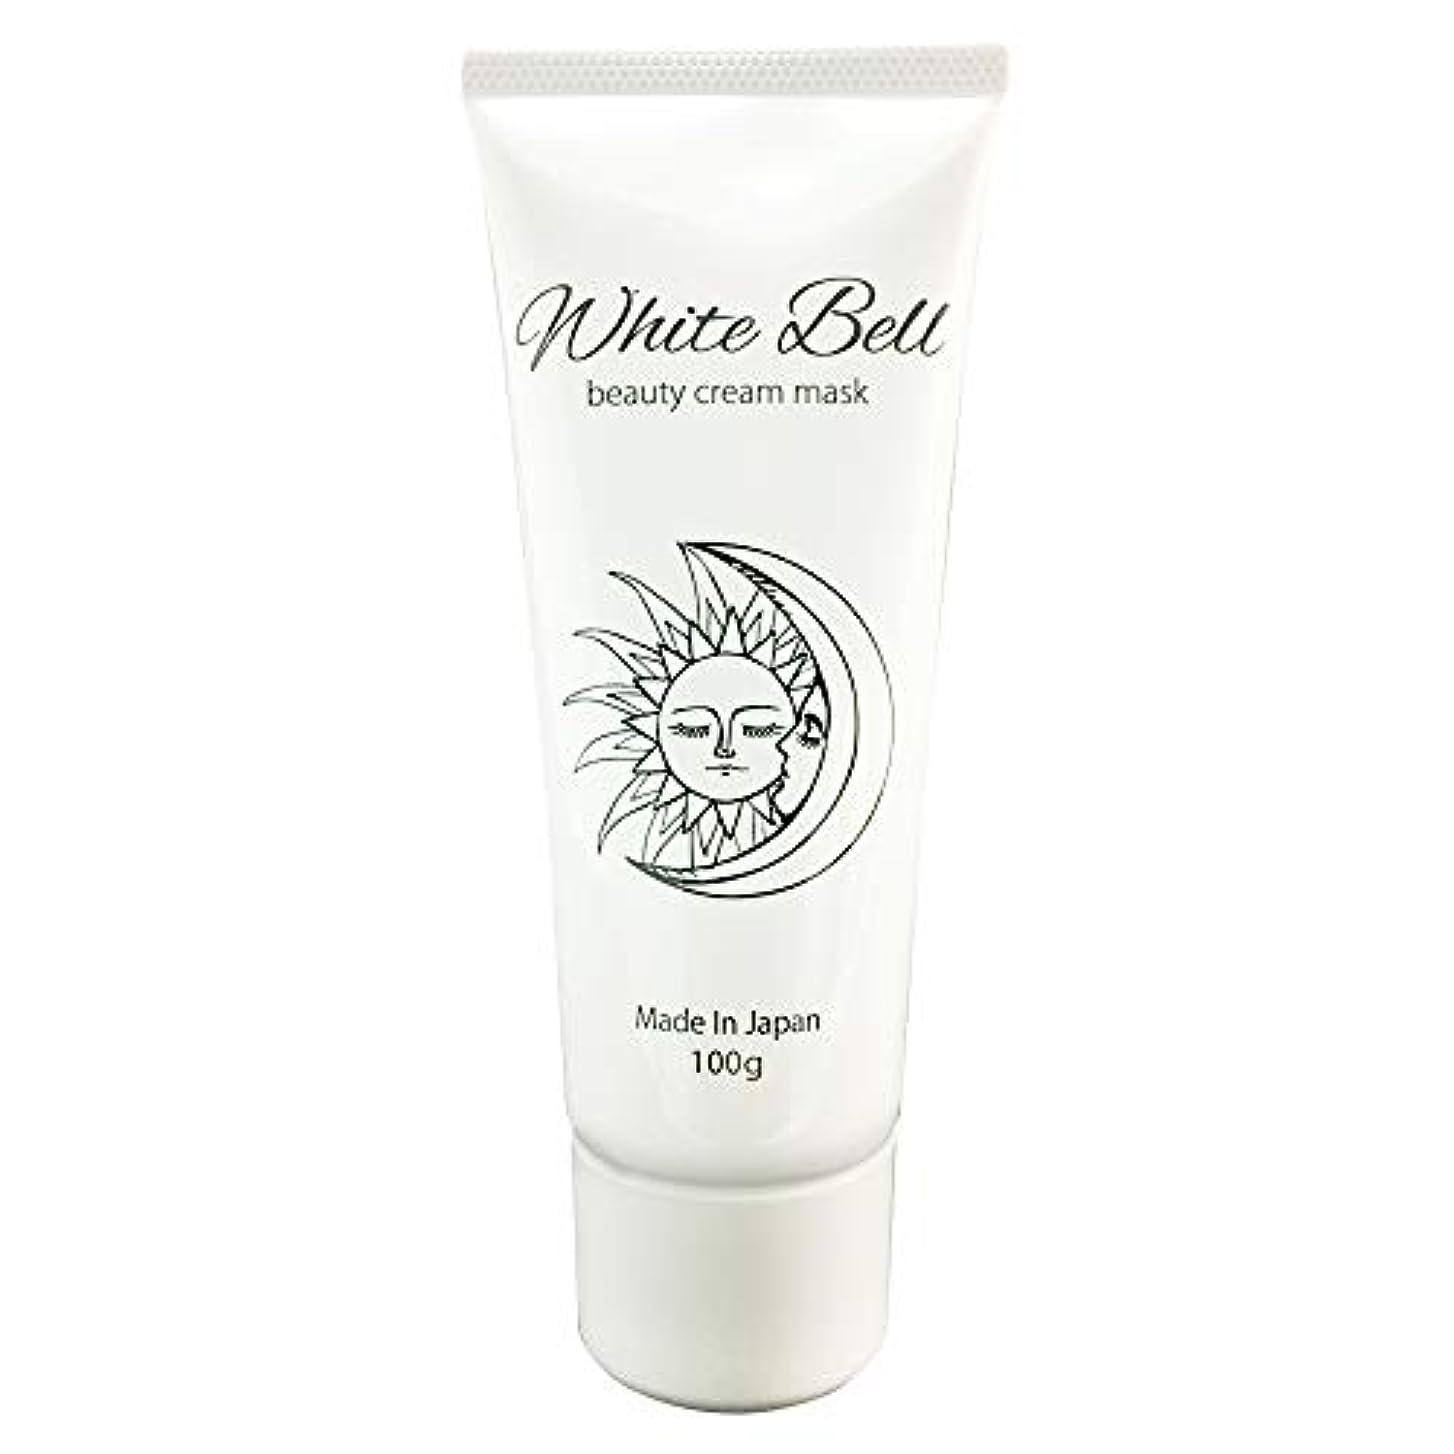 縁石リース引用White Bell (ホワイトベル) フェイスマスク ジェルマスク ホワイトニング 美白